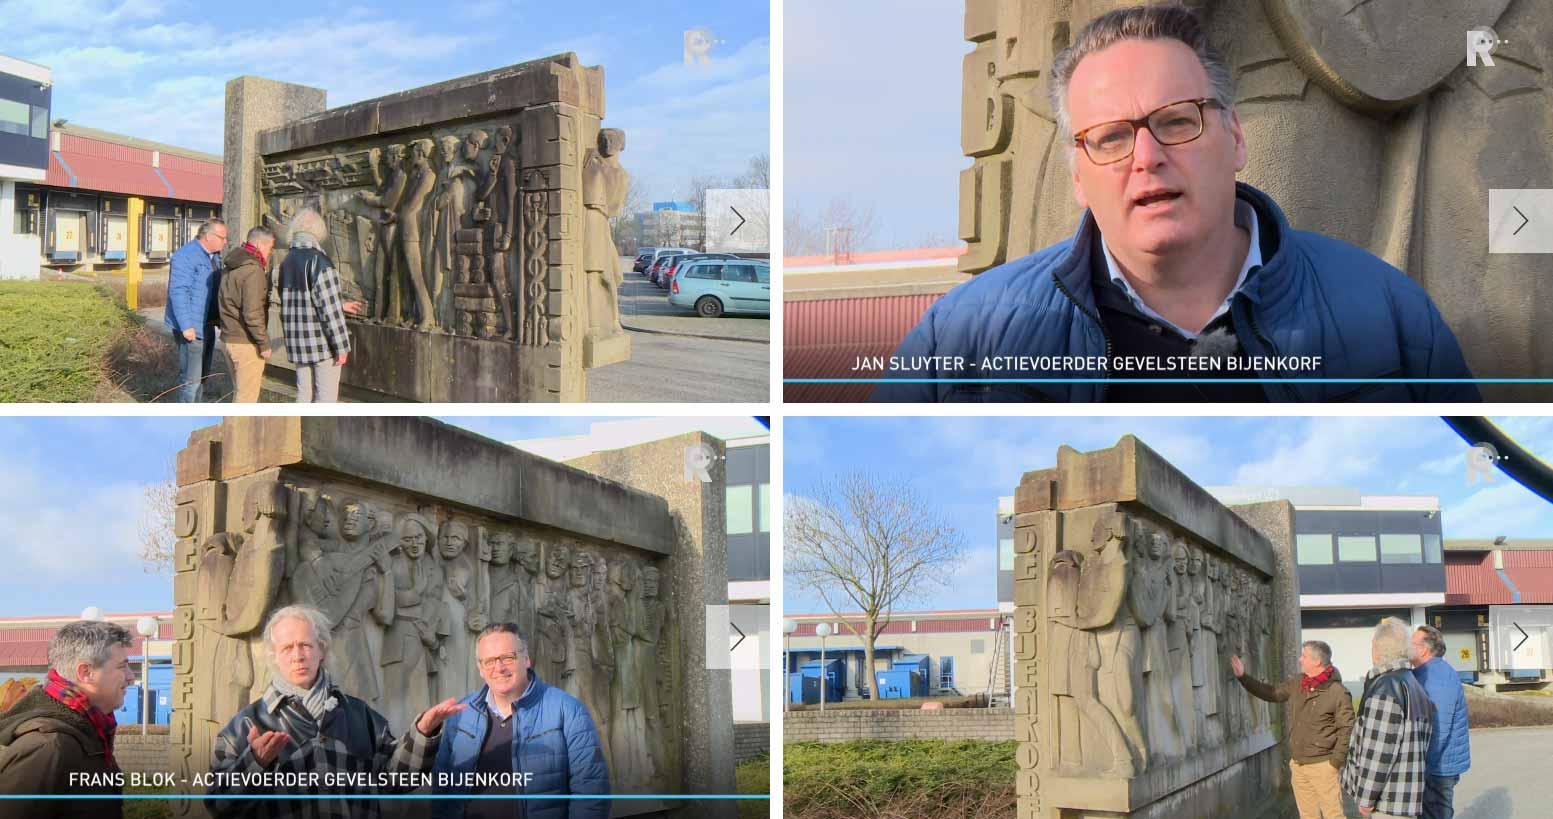 Screenshots van het interview door RTV Rijnmond met de actievoerders voor de terugkeer van de gevelsteen van de Oude Bijenkorf naar Rotterdam.